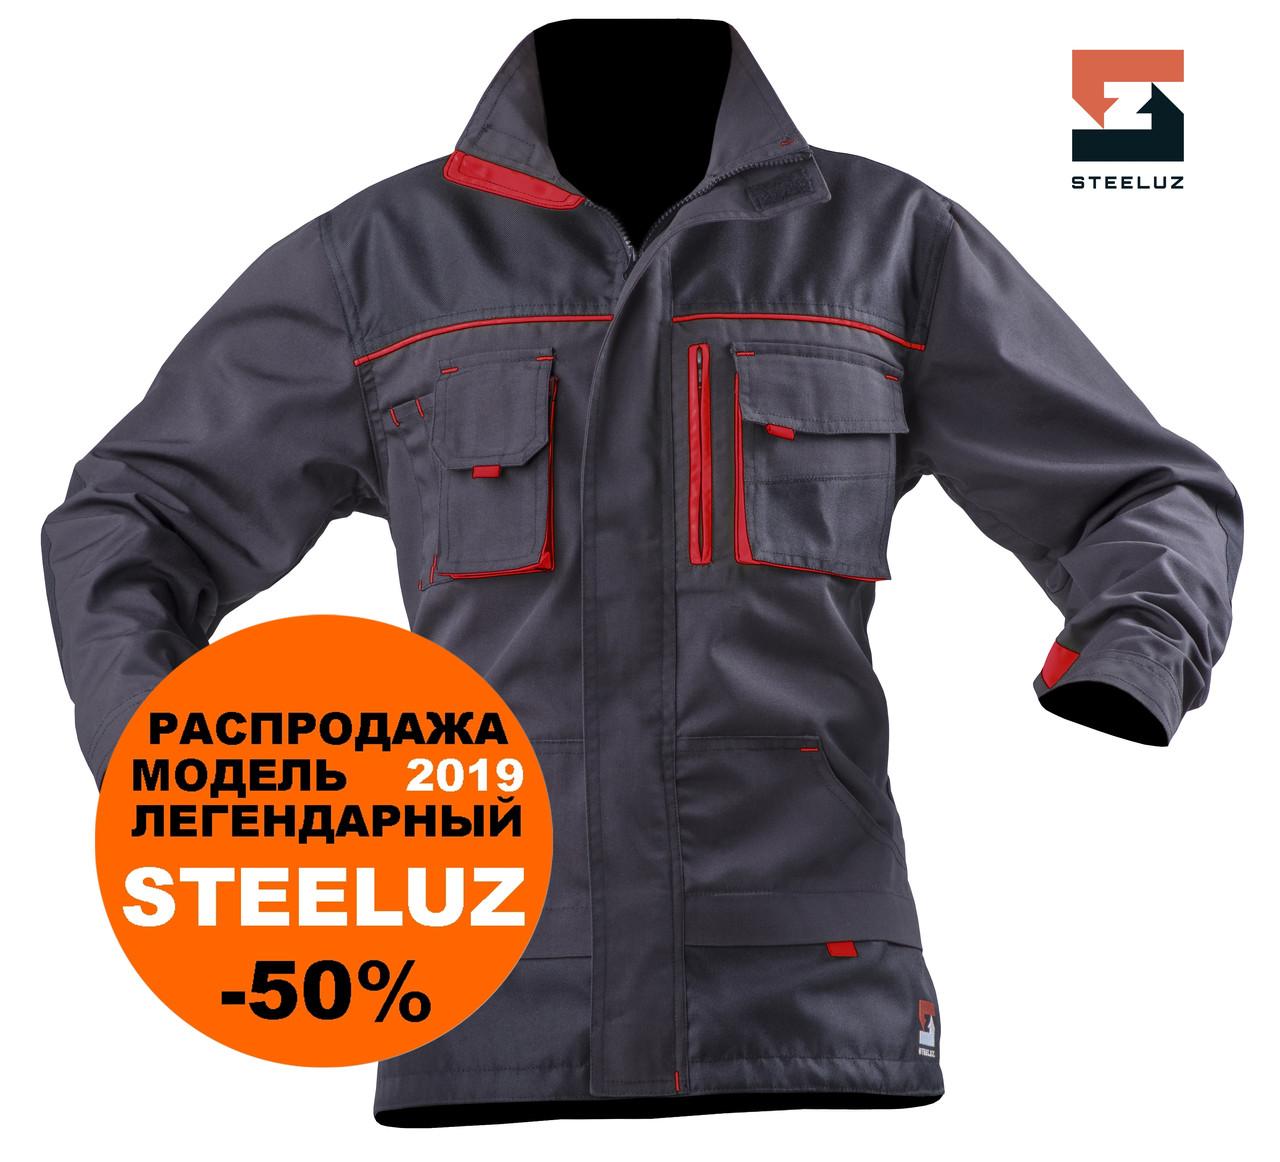 Куртка рабочая SteelUZ с красной отделкой, модель 2019, рост 180-190 см